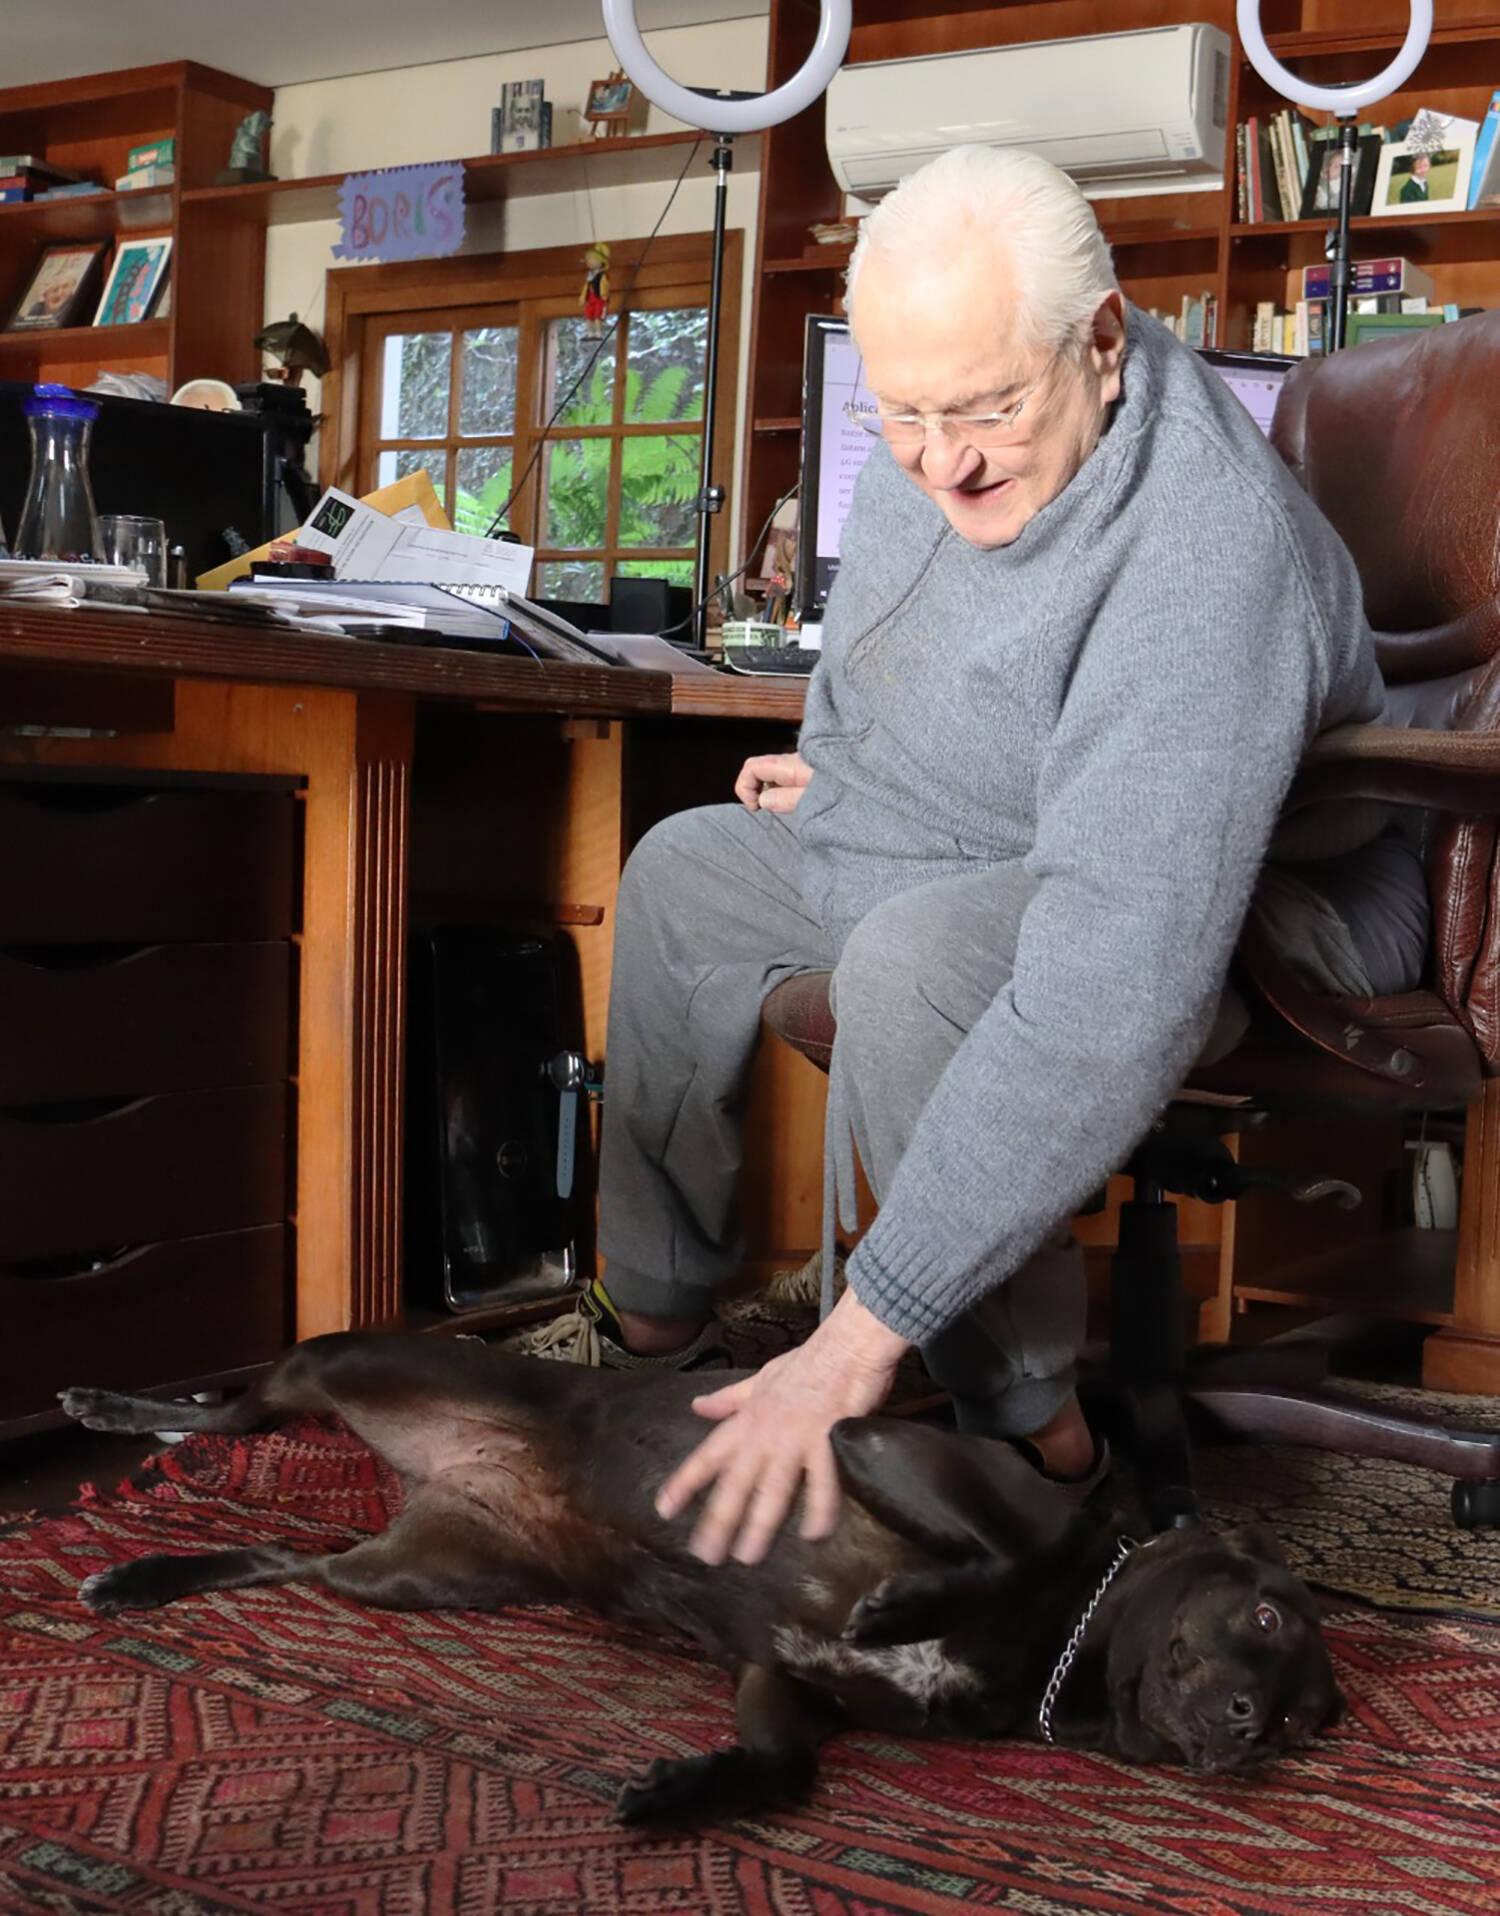 Boris Casoy e sua cachorra sem raça definida, segundo ele, a pet é a mais importante da casa. Foto: Divulgação